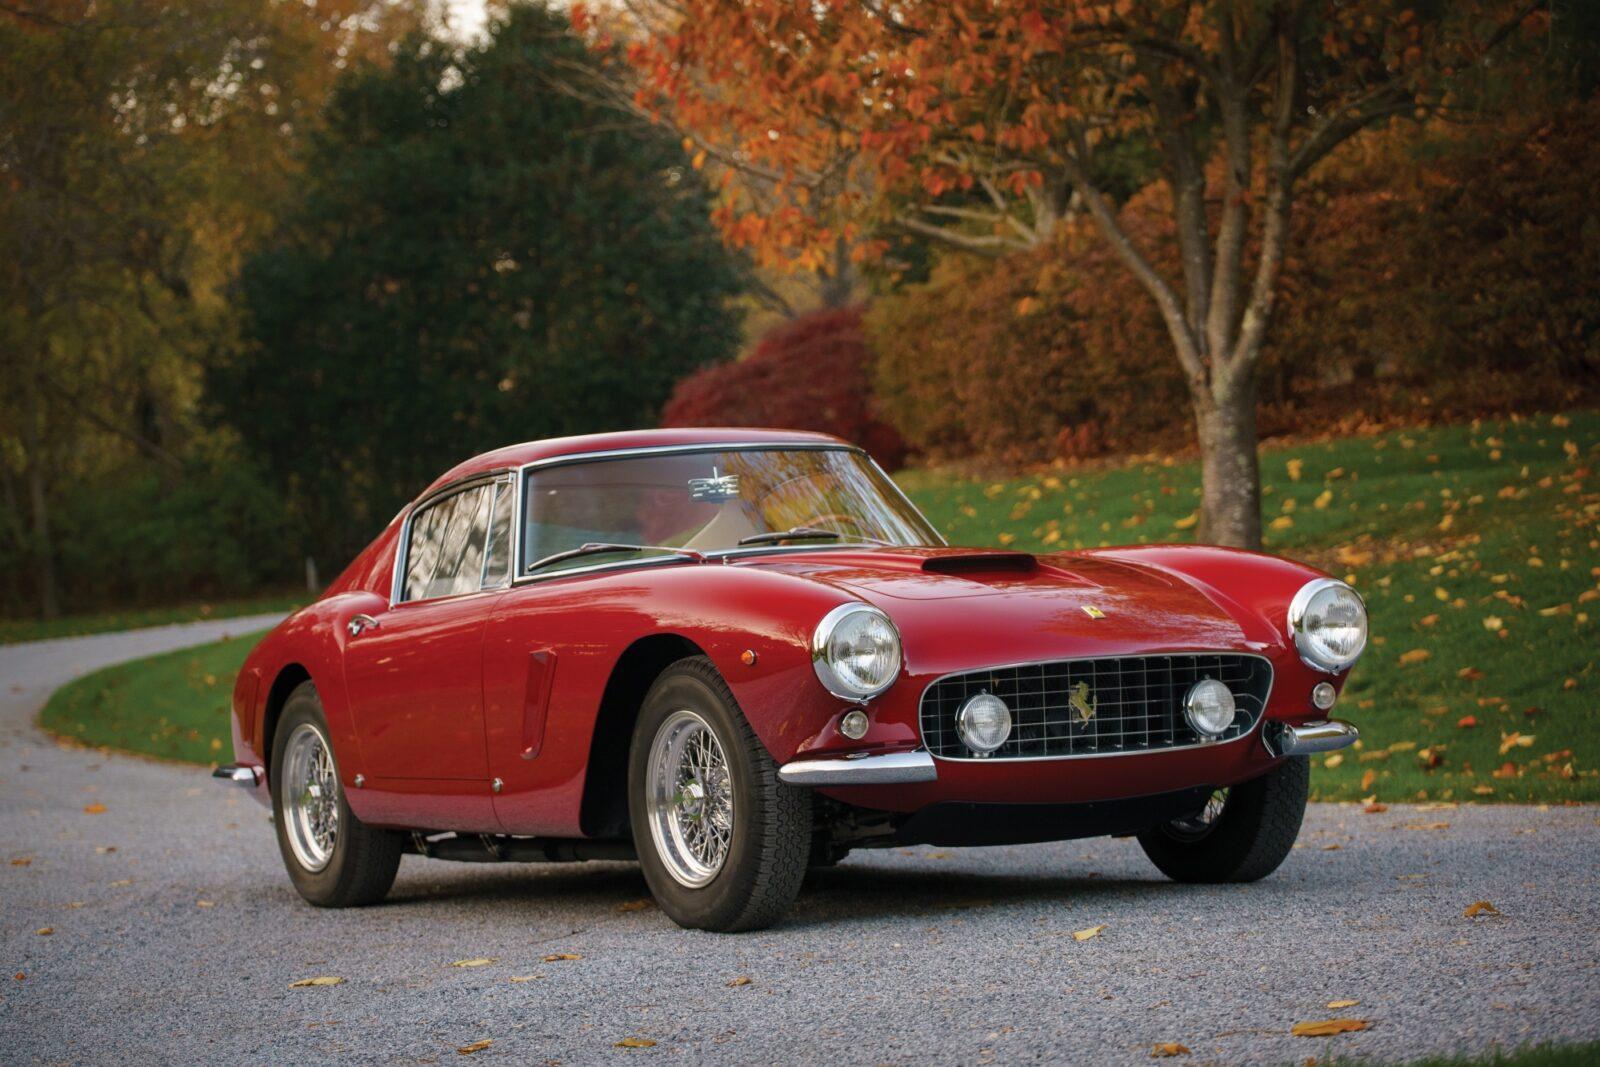 ferrari 250gt swb 1 1600x1067 - 1961 Ferrari 250 GT SWB